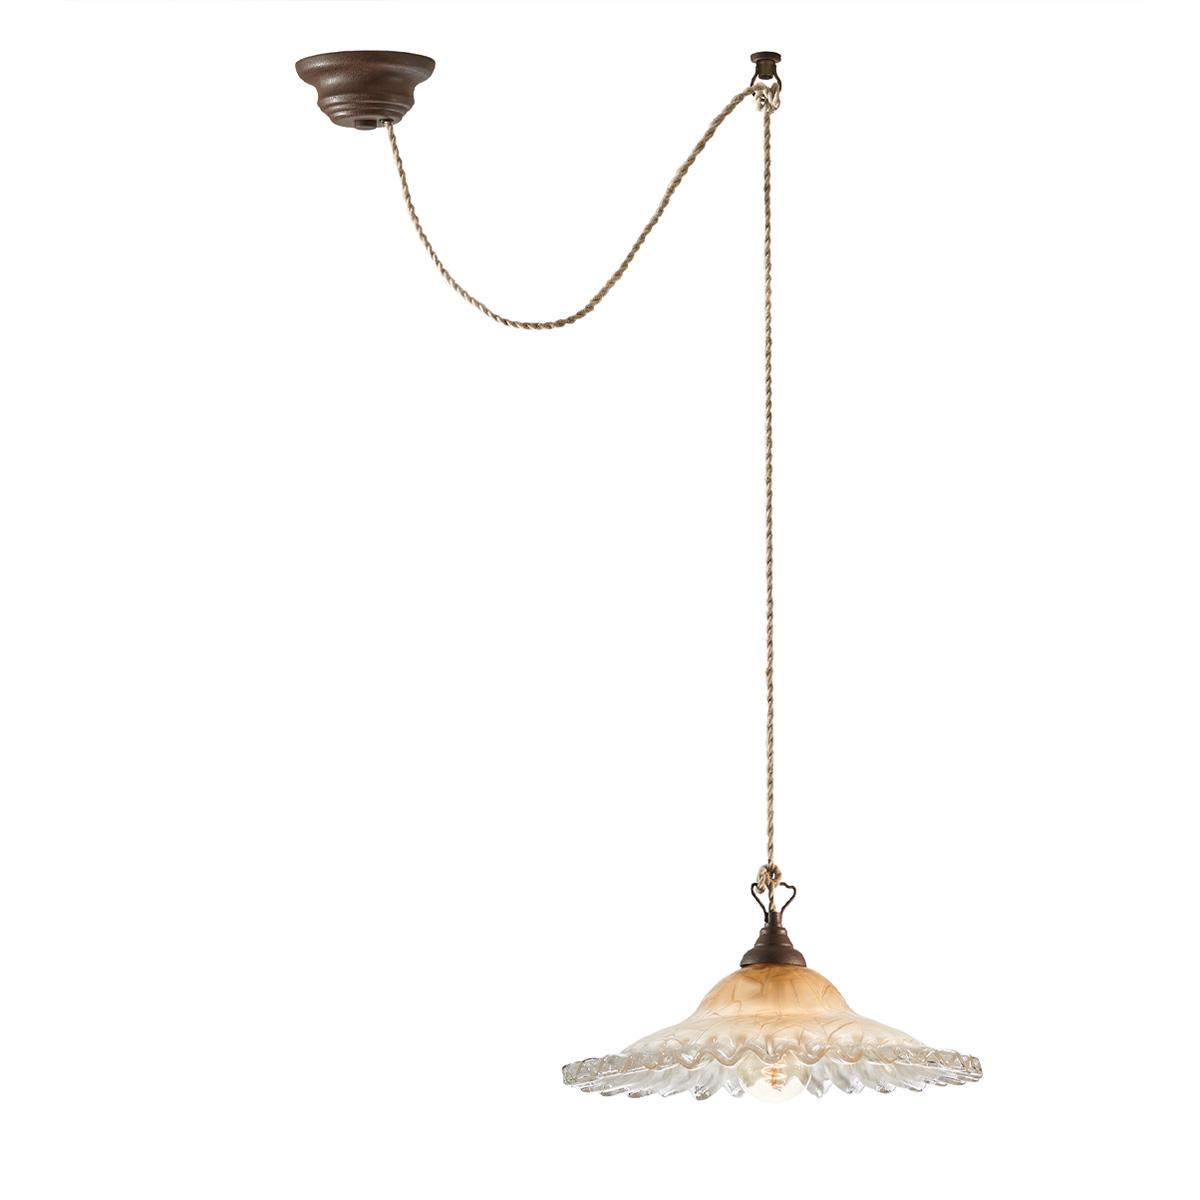 Νεοκλασικό φωτιστικό ΣΥΡΟΣ neoclassical light fixture